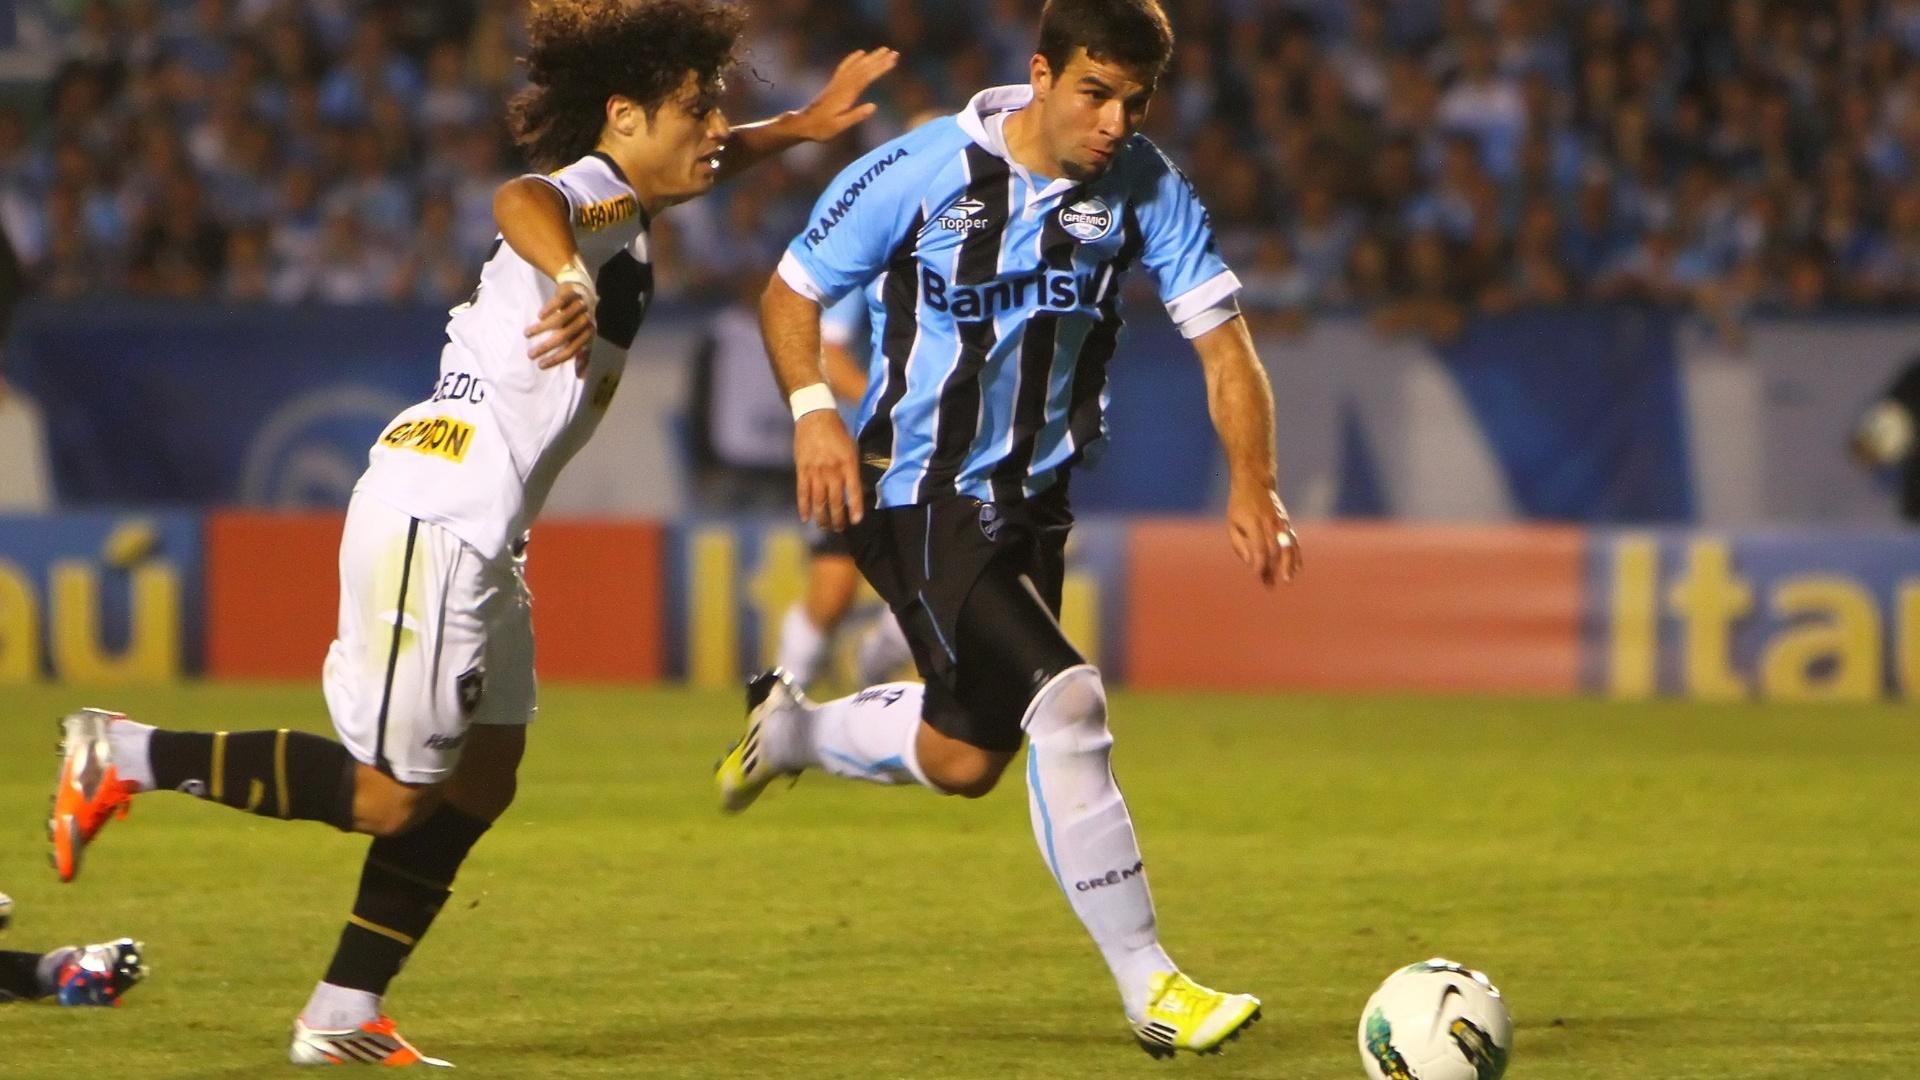 André Lima, do Grêmio, carrega a bola com a marcação de Márcio Azevedo, do Botafogo